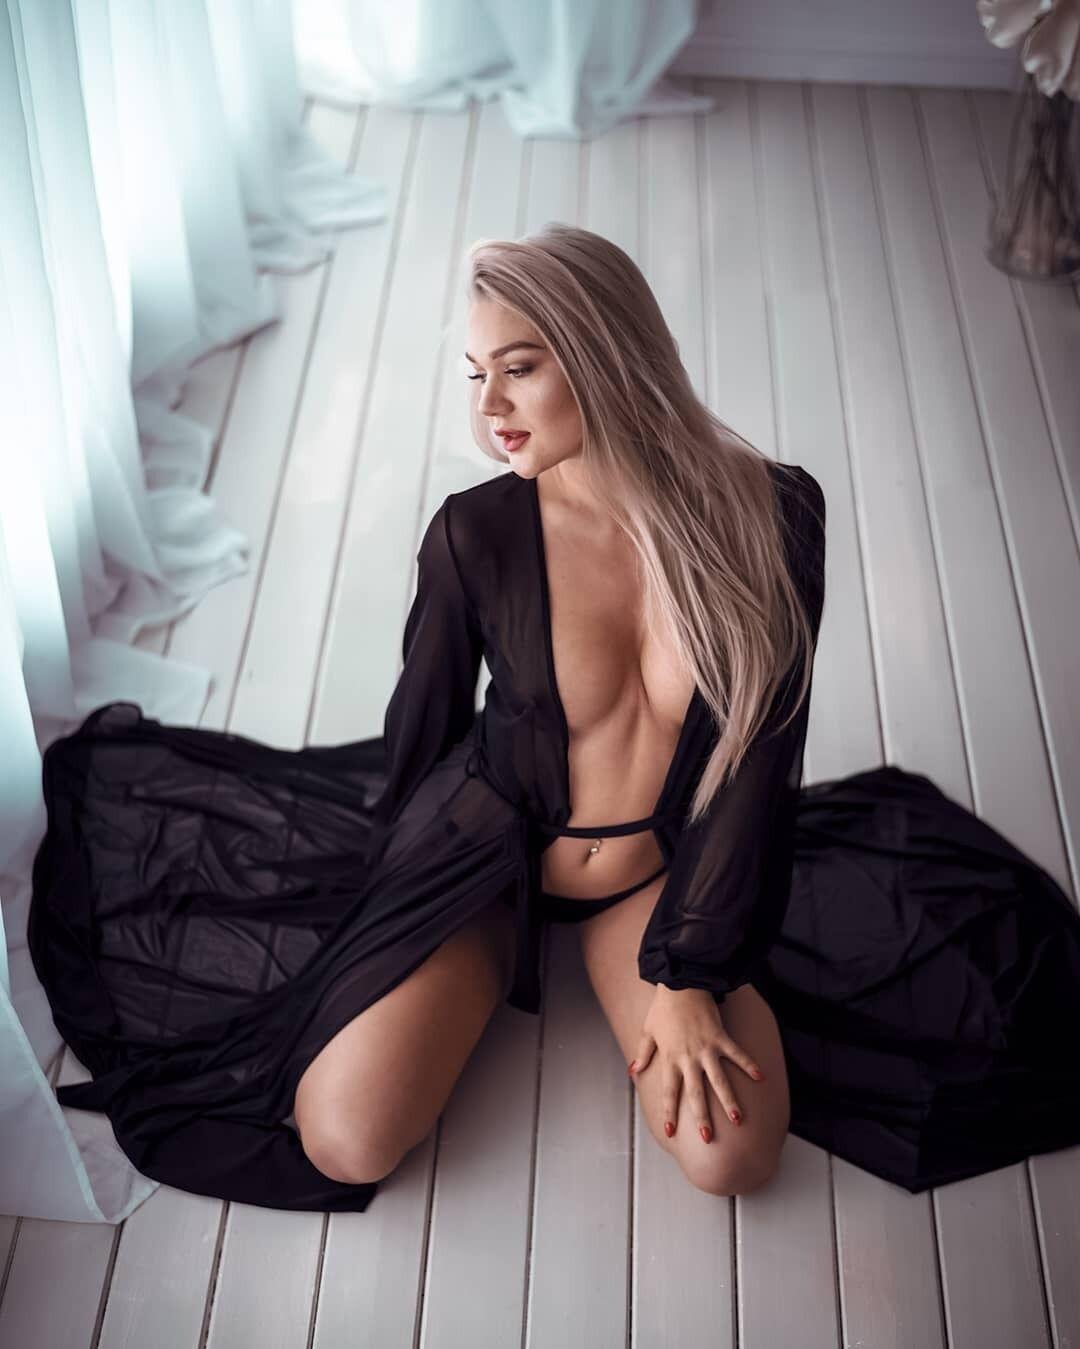 Сандра Россме в прозрачной одежде